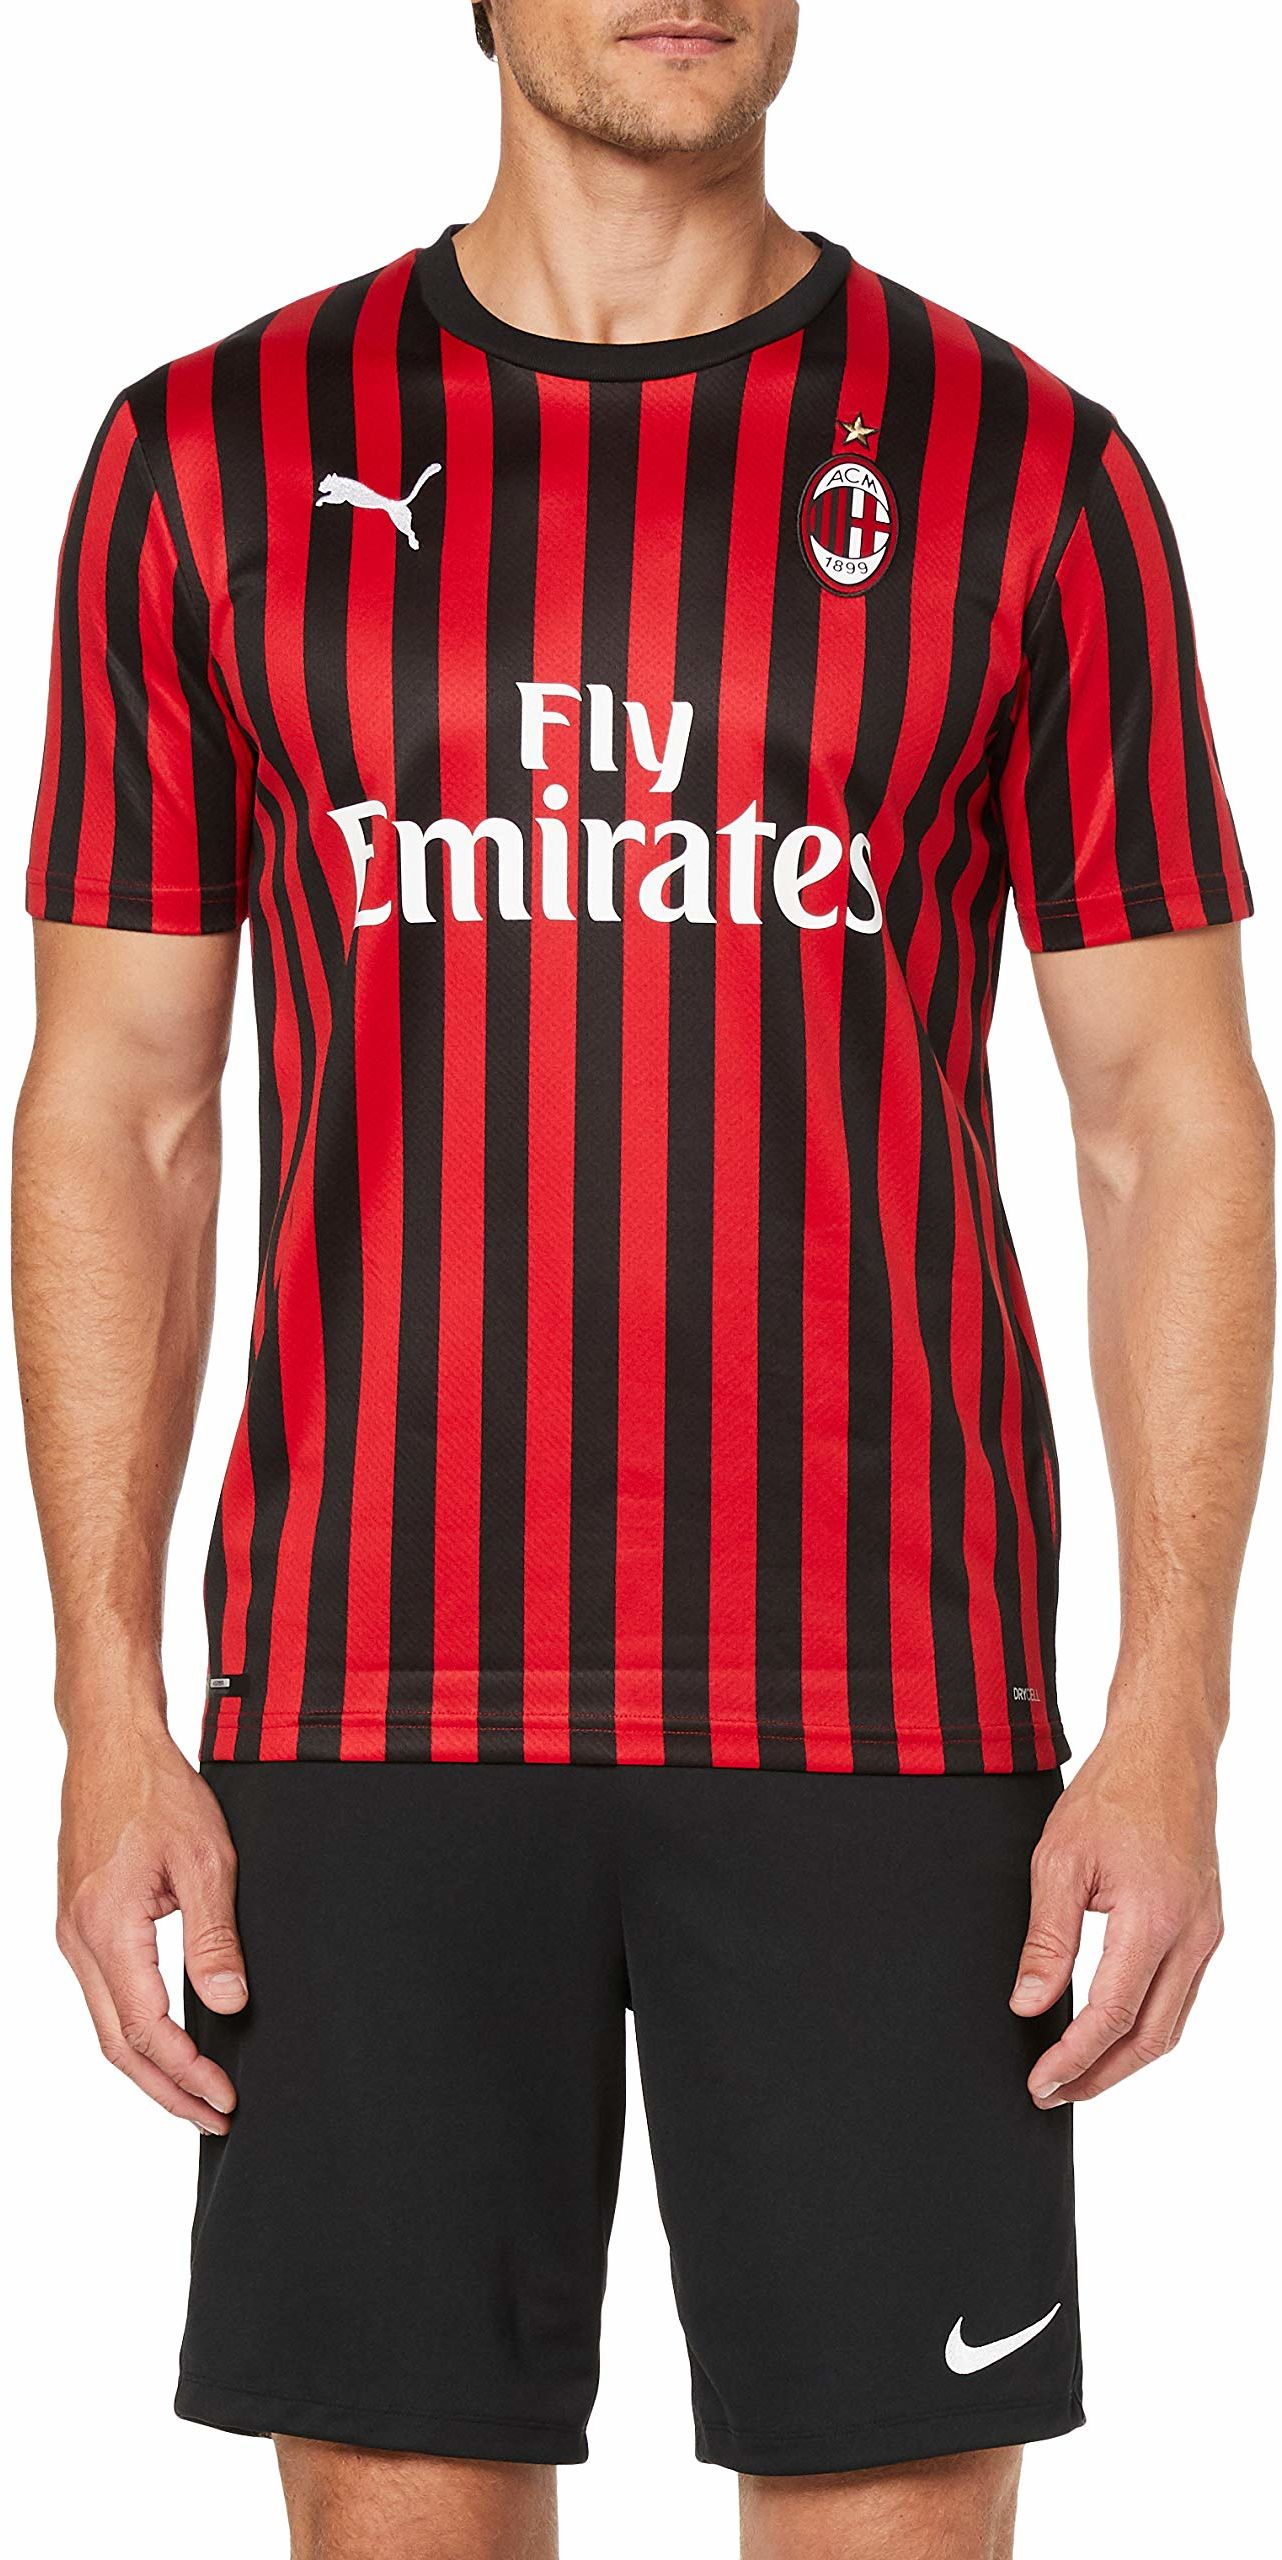 Puma Męska koszulka AC Milan 1899 repl. T-shirt z nadrukiem Romagnoli, Tango Red Black, XL